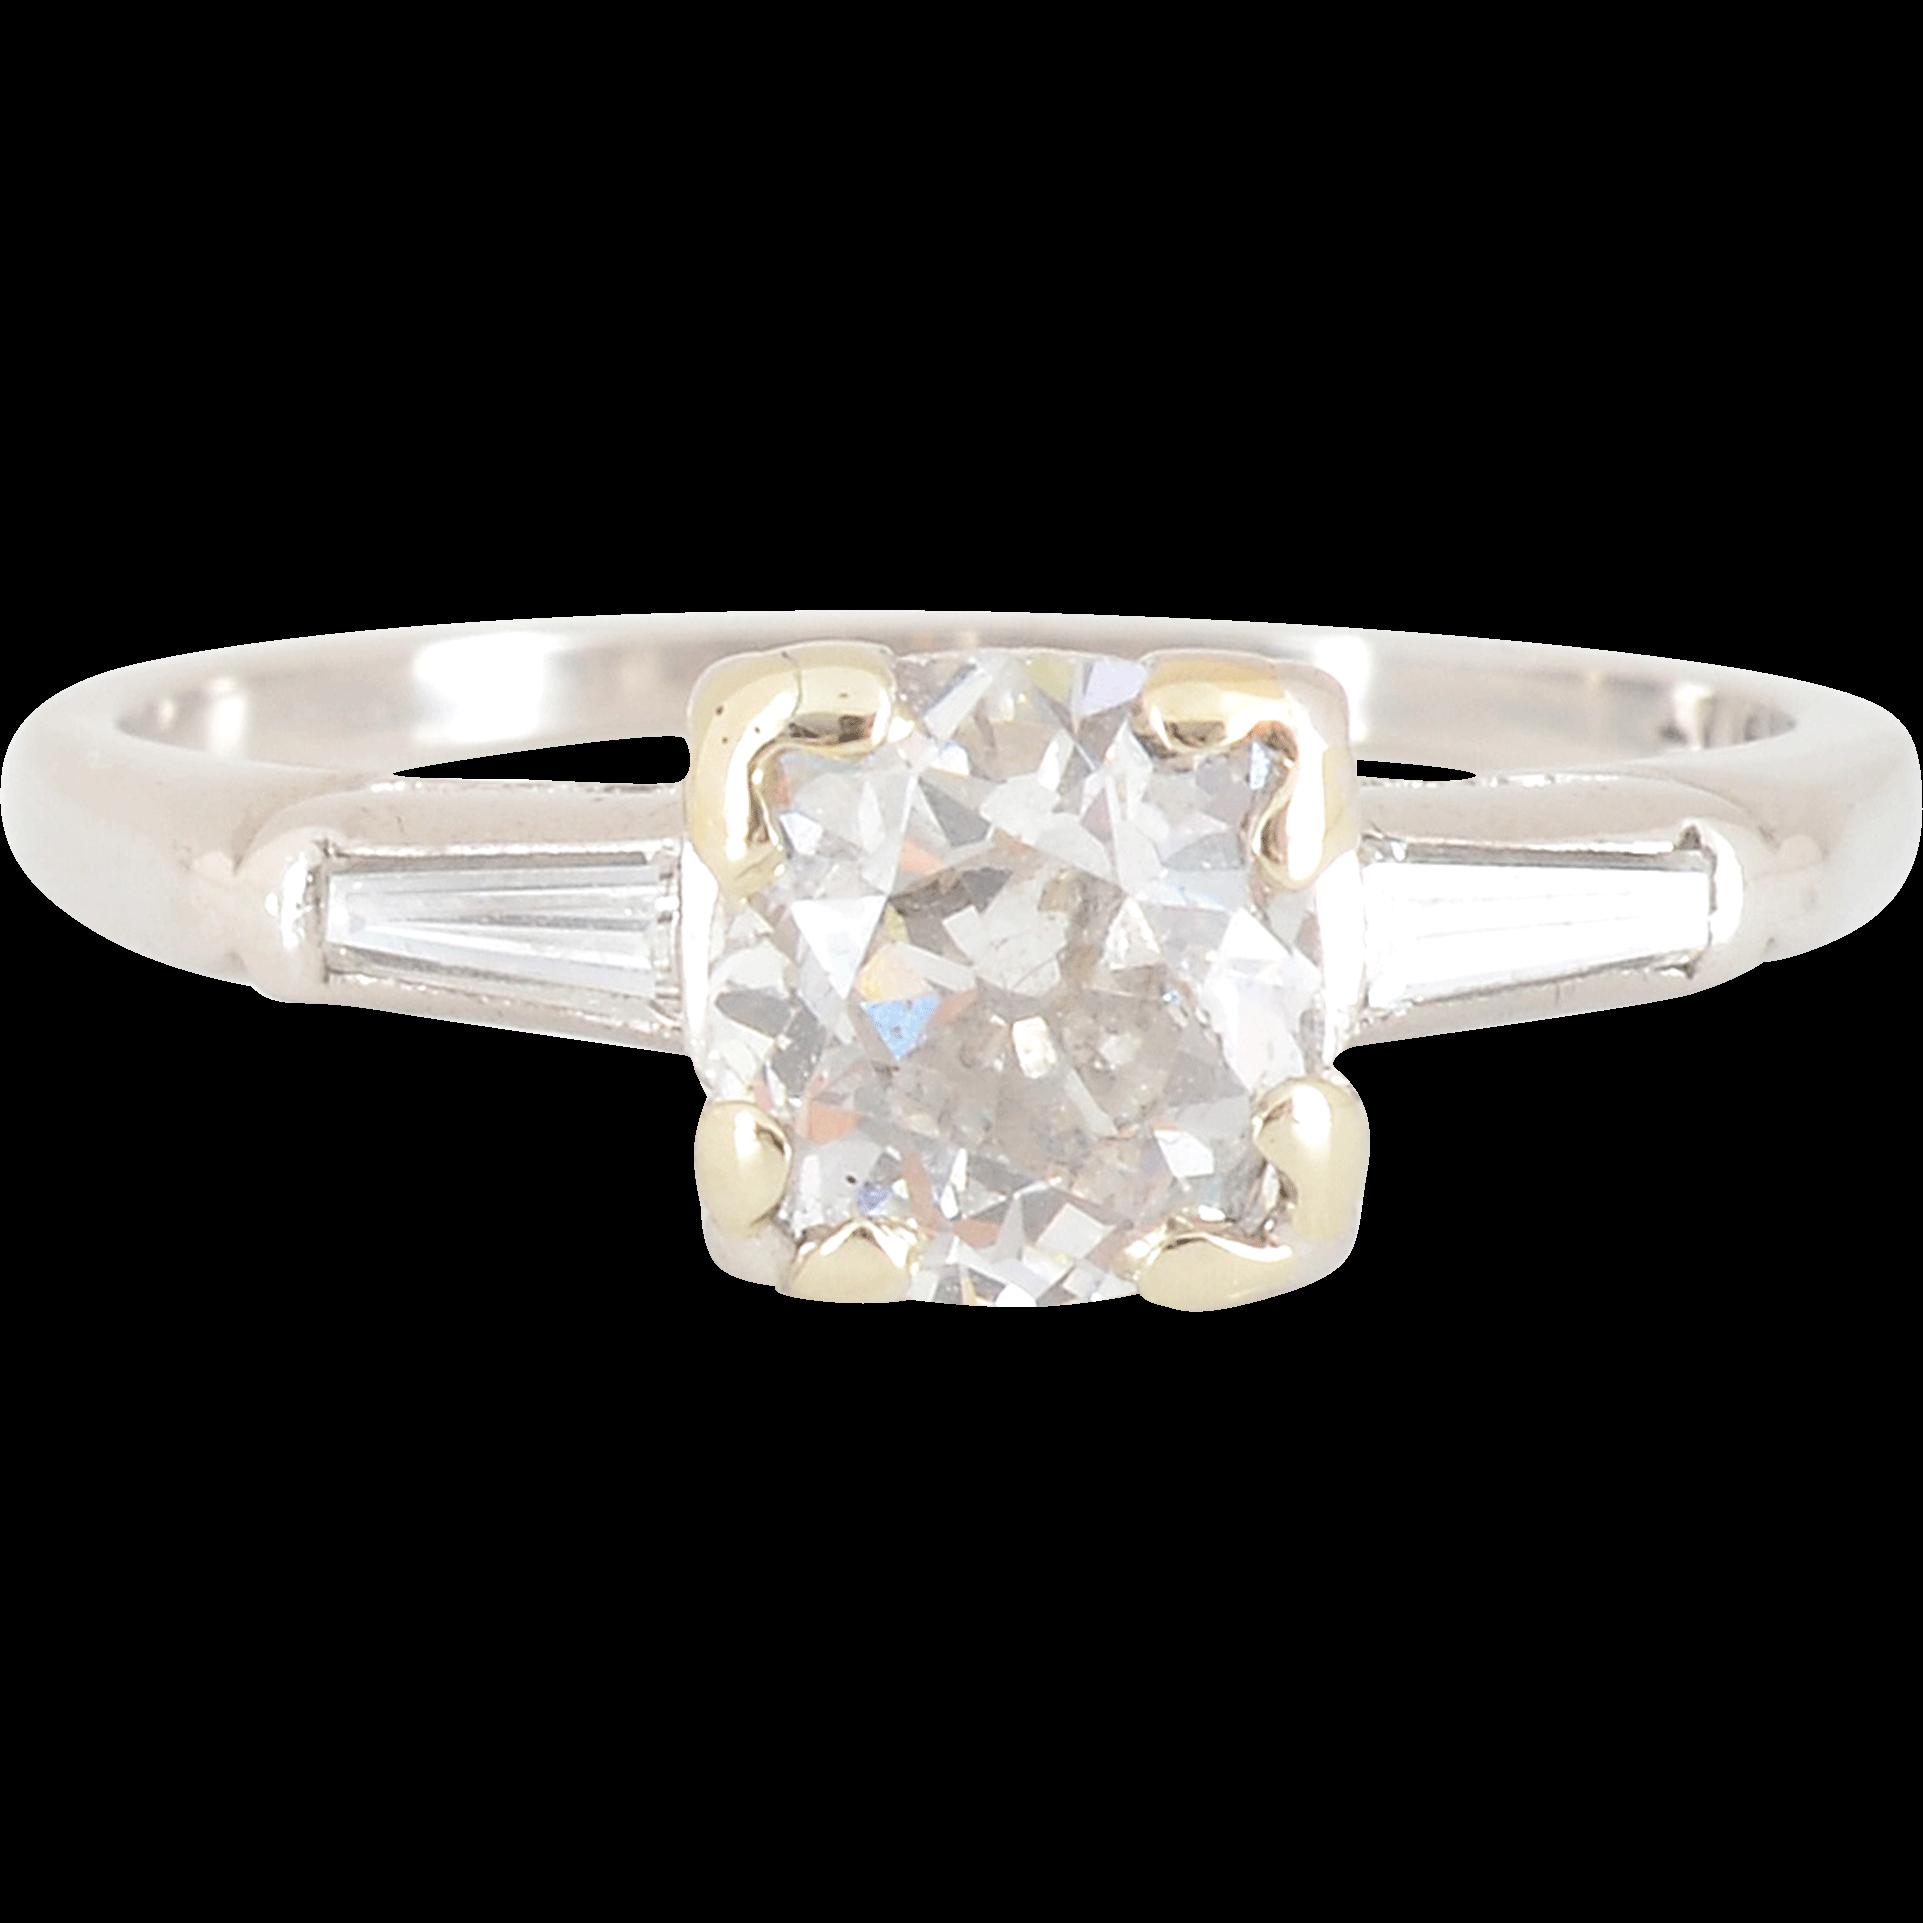 Platinum 0.86 Carat Center Diamond Engagement Ring